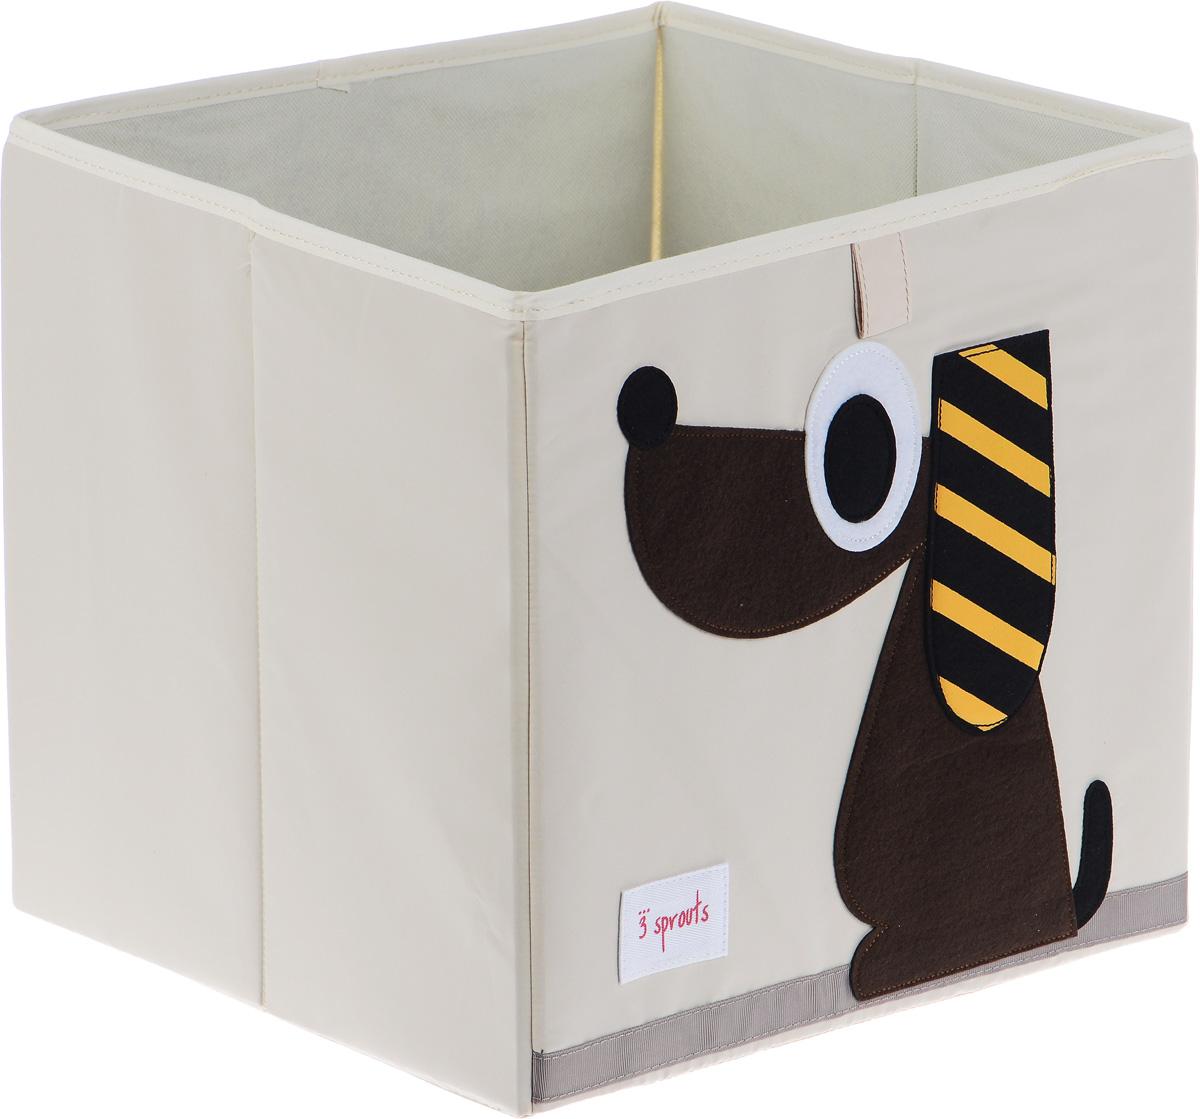 3 Sprouts Коробка для хранения Собачка1004900000360Коробка для хранения 3 Sprouts Собачка - это отличный вариант организации пространства любой комнаты.Стороны коробки усилены с помощью картона, поэтому она всегда стоит ровно. Помещается практически во все стеллажи с квадратными отсеками и добавляет озорства любой комнате. Стоит ли коробка отдельно или на полке стеллажа, она обеспечит прекрасную организацию в вашем доме.Не содержит фталаты. Уход: снаружи - только выведение пятен.